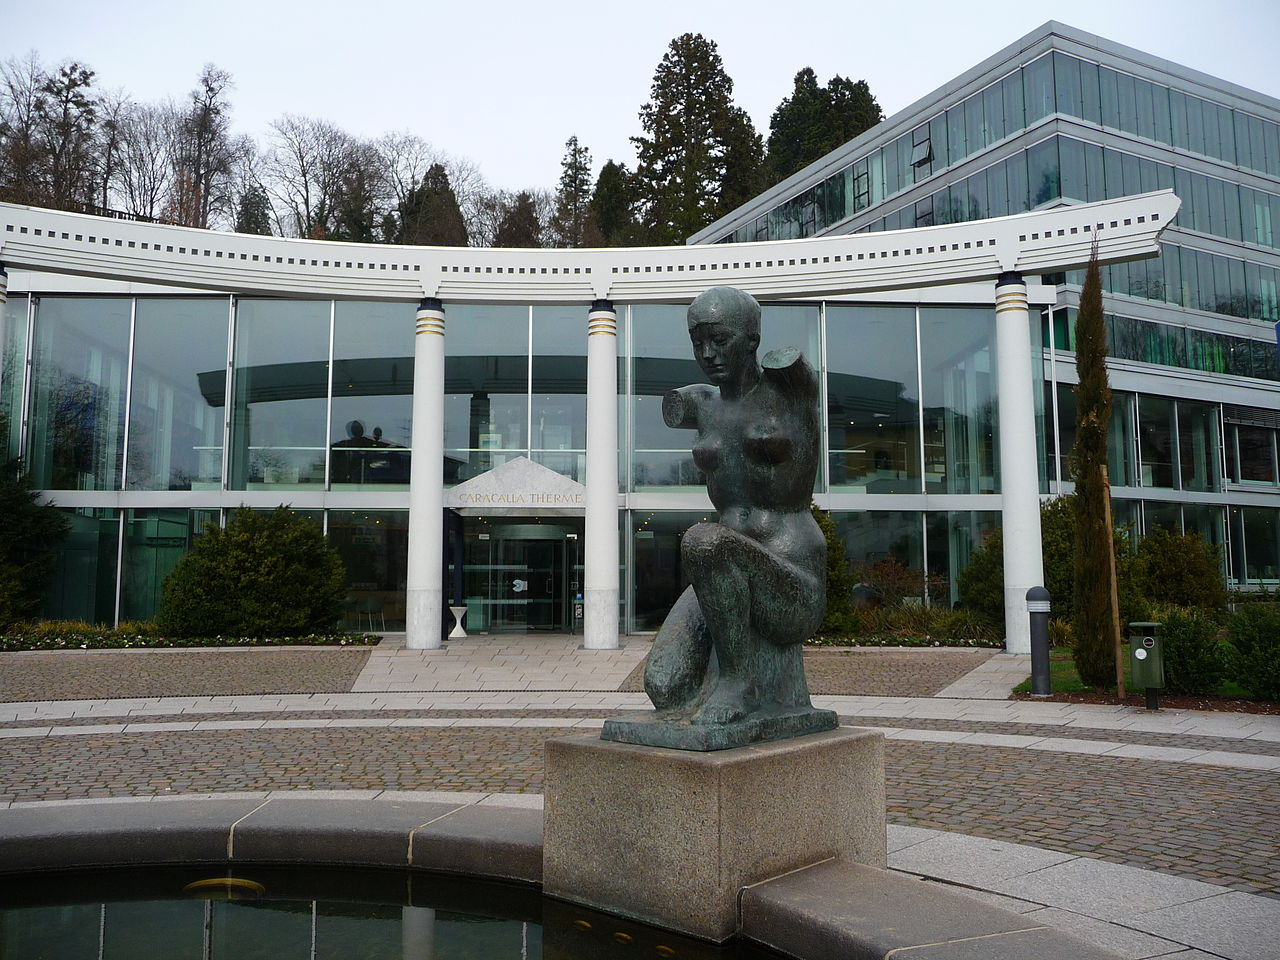 Bild Caracalla Therme Baden Baden